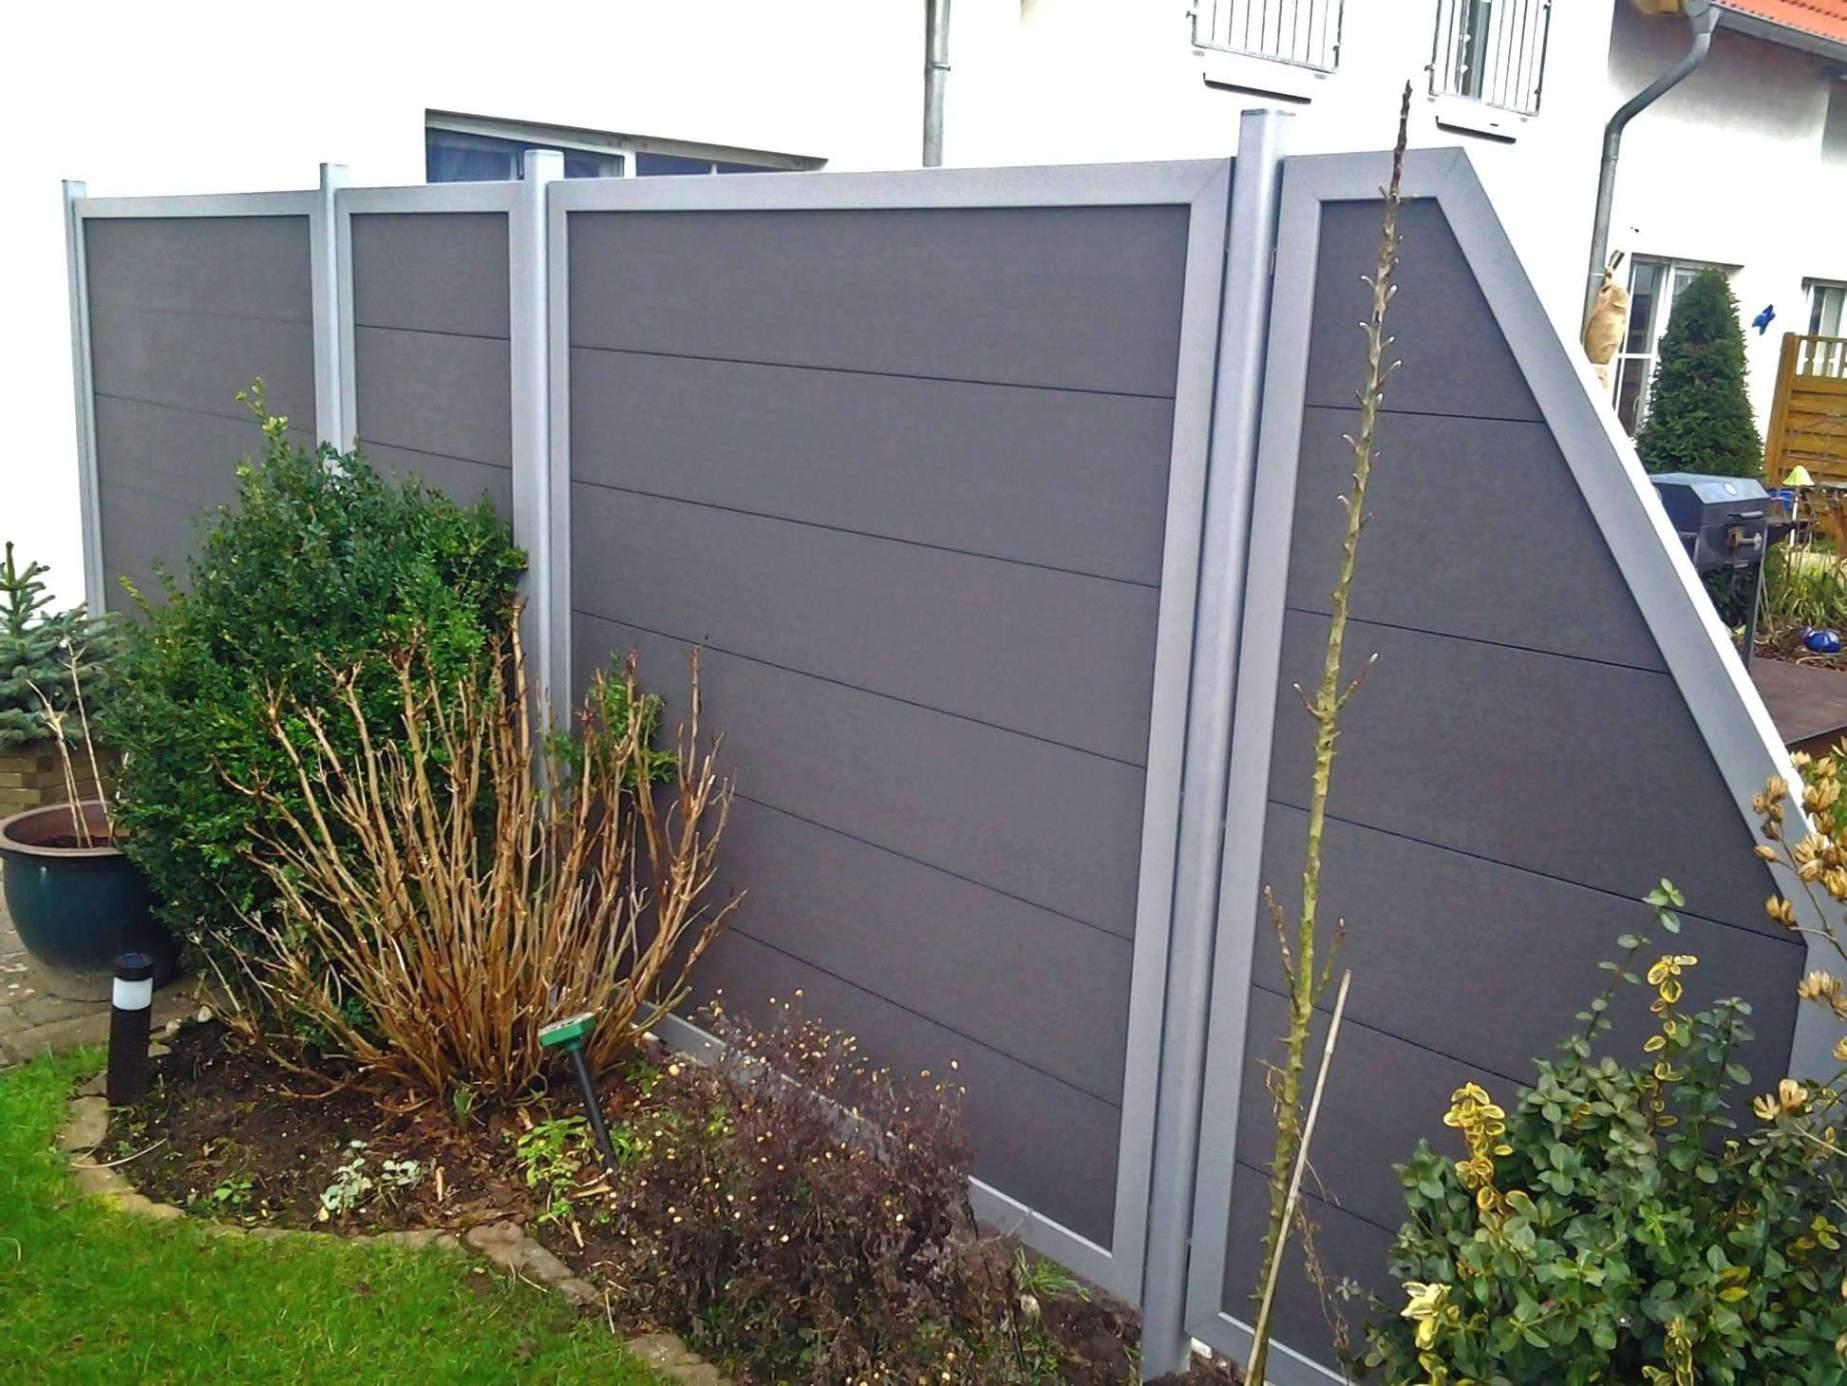 sichtschutz terrasse ideen schon sichtschutzwand terrasse gros sichtschutz terrasse pflanzen sichtschutz terrasse pflanzen